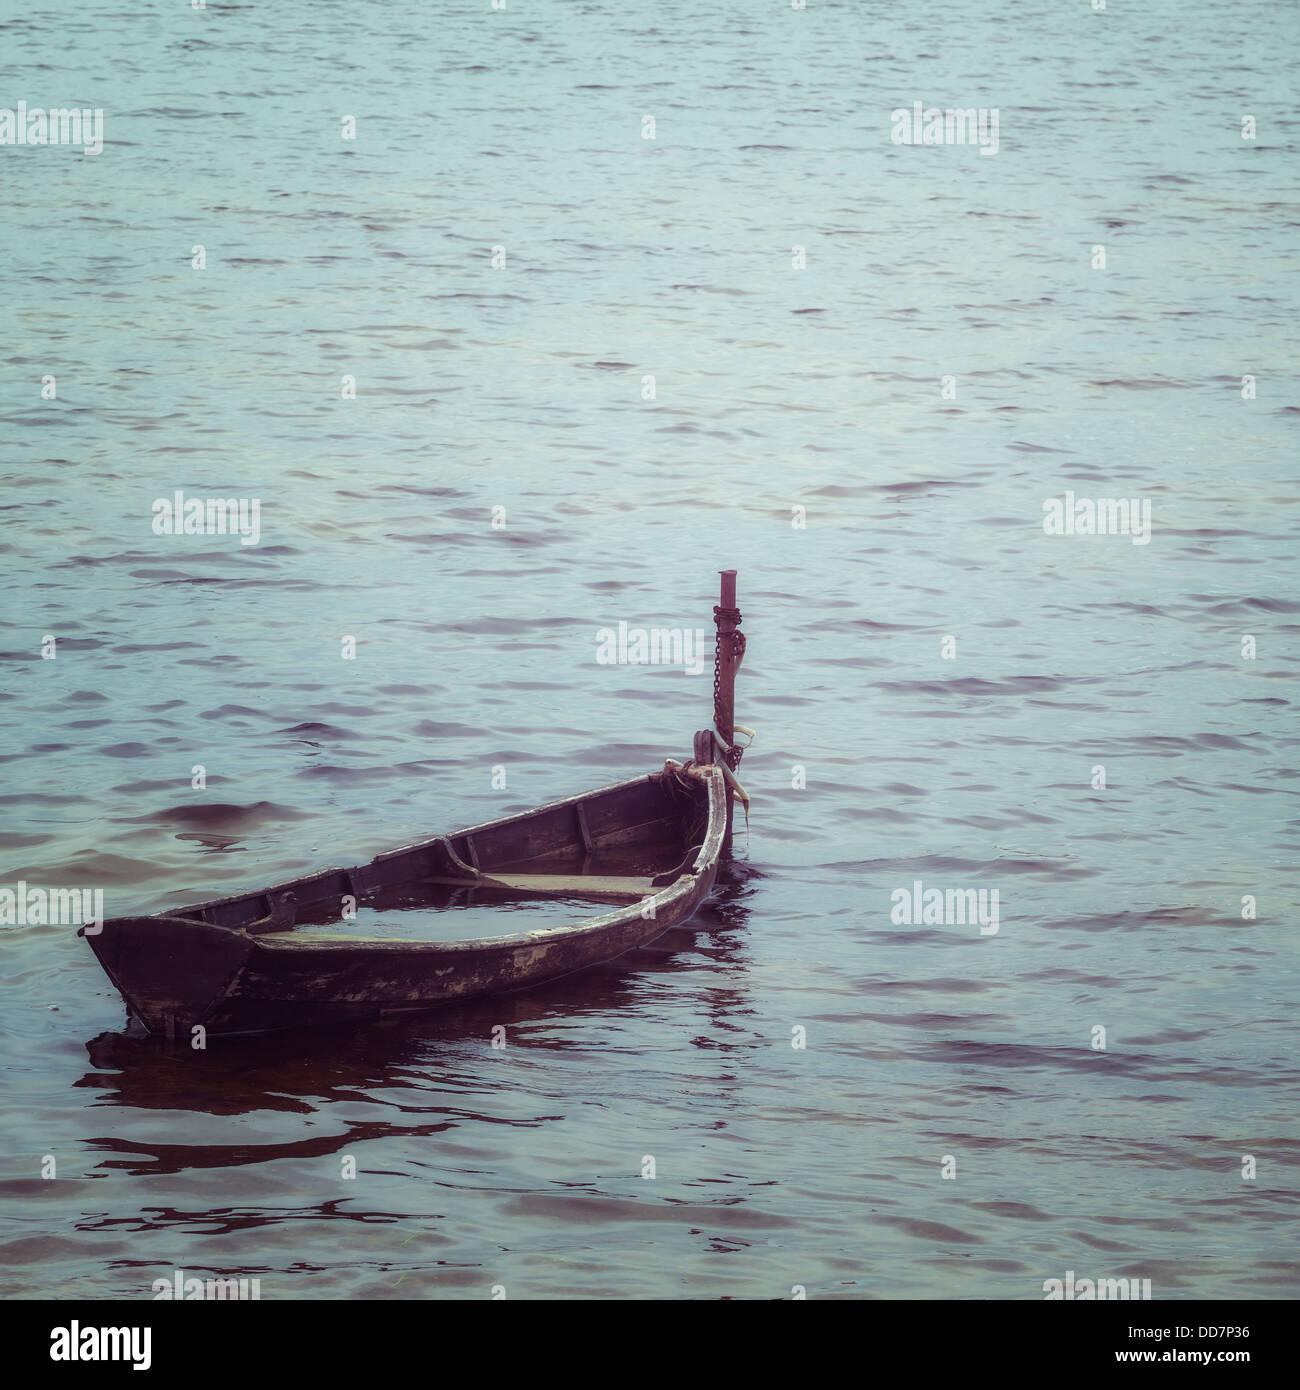 Y el viejo barco de madera hundido, casi Foto de stock